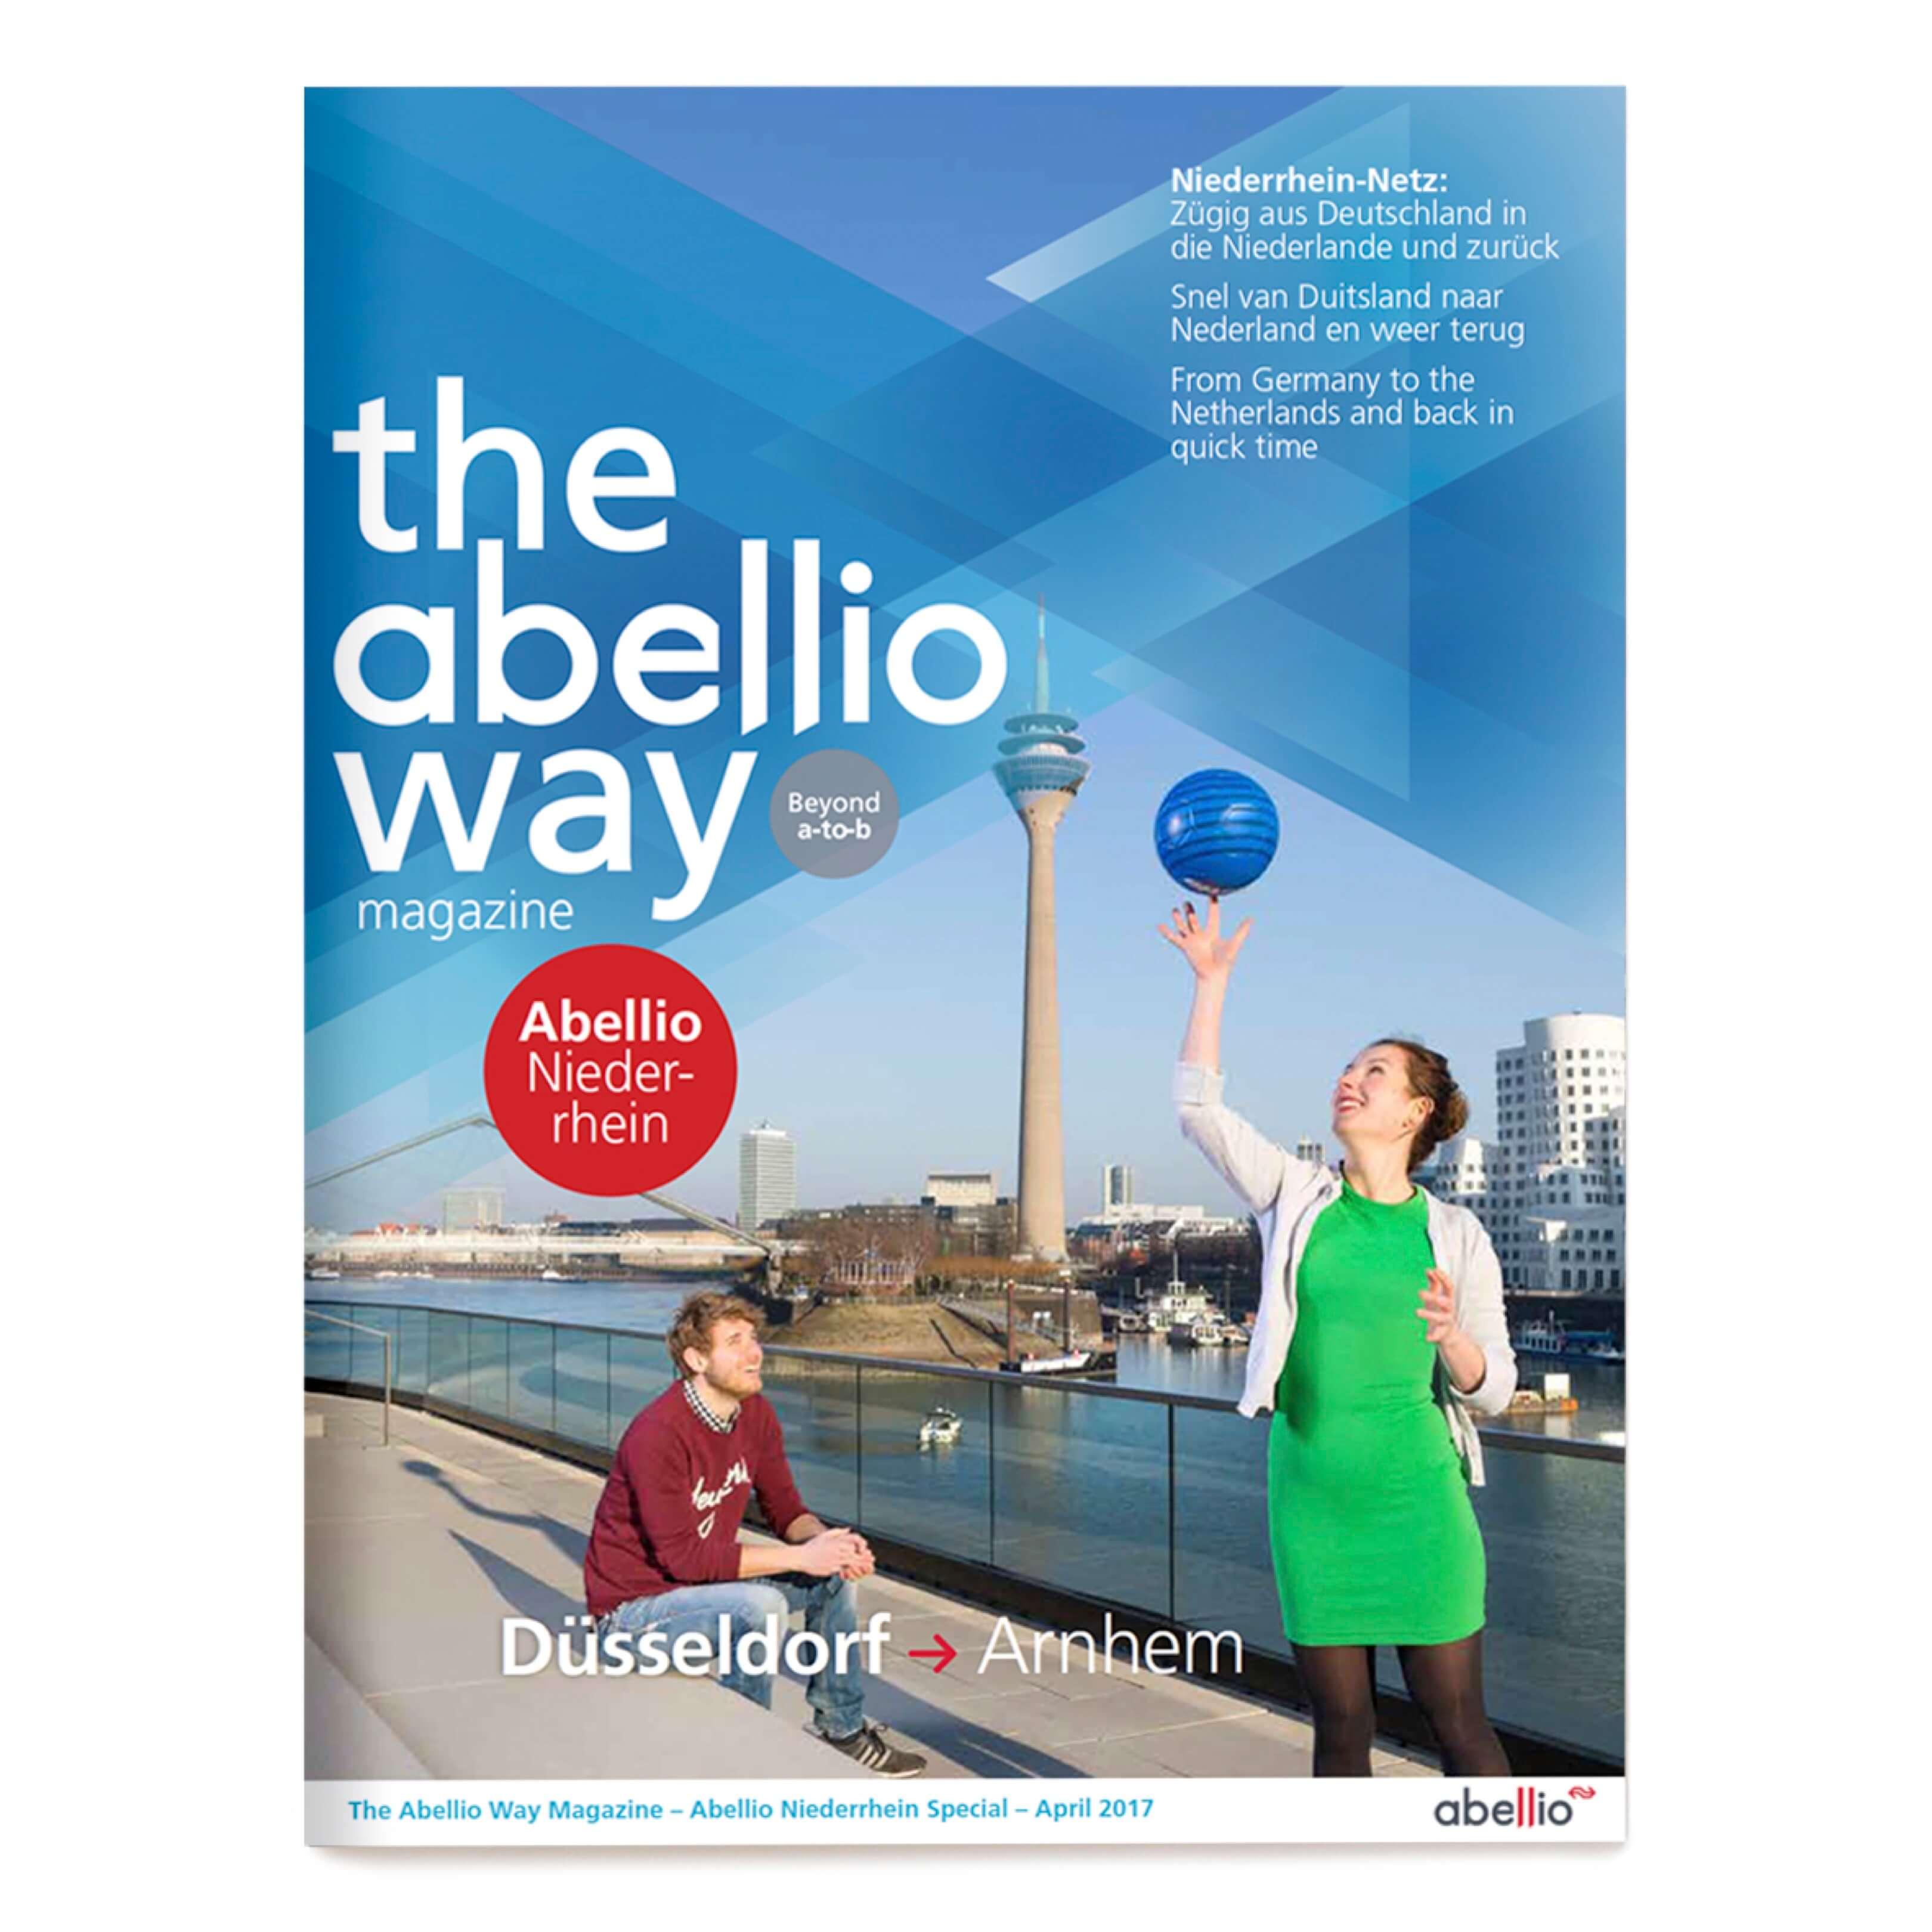 Jurjen Poeles fotografie Gloedcommunicatie gloed communicatie Abellio cover magazine the Abellio way trein spoorwegen station Dusseldorf jong koppel